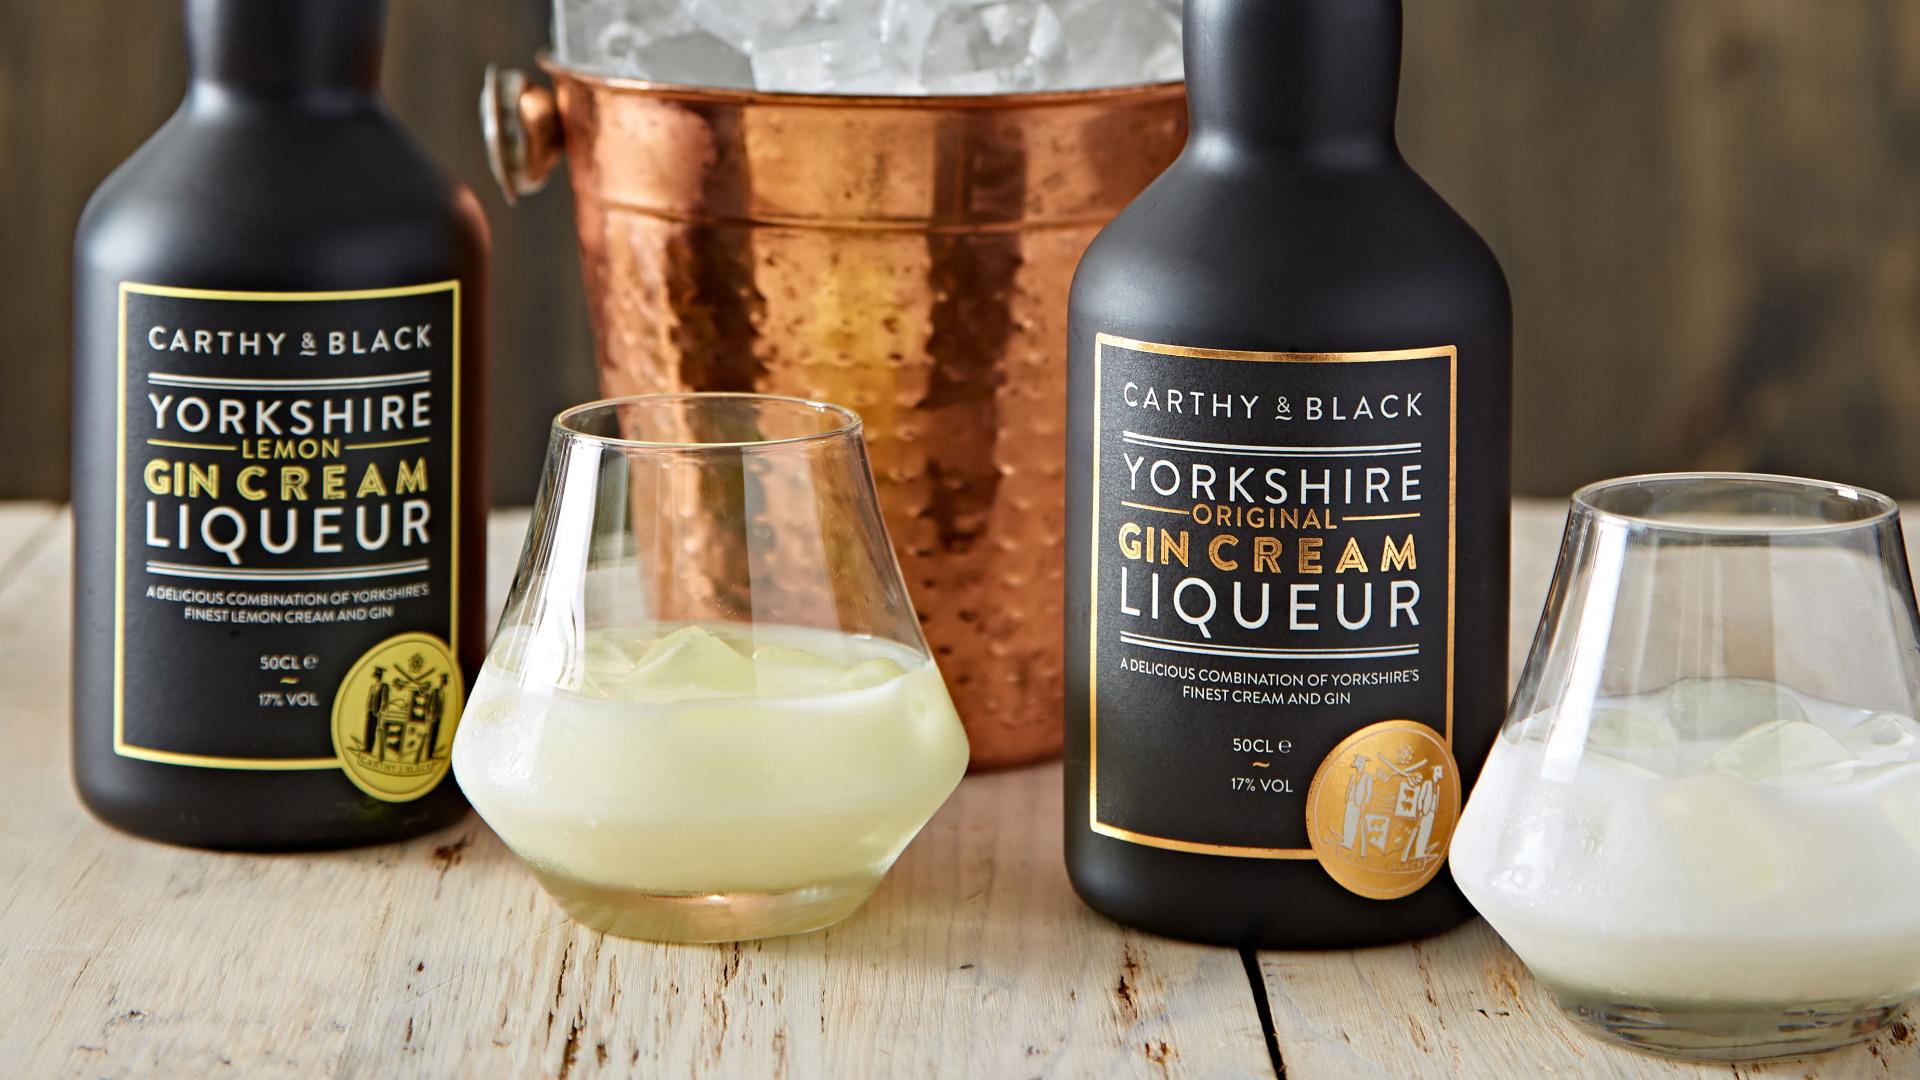 Win a Cathy & Black's Gin Cream picnic hamper worth over £50